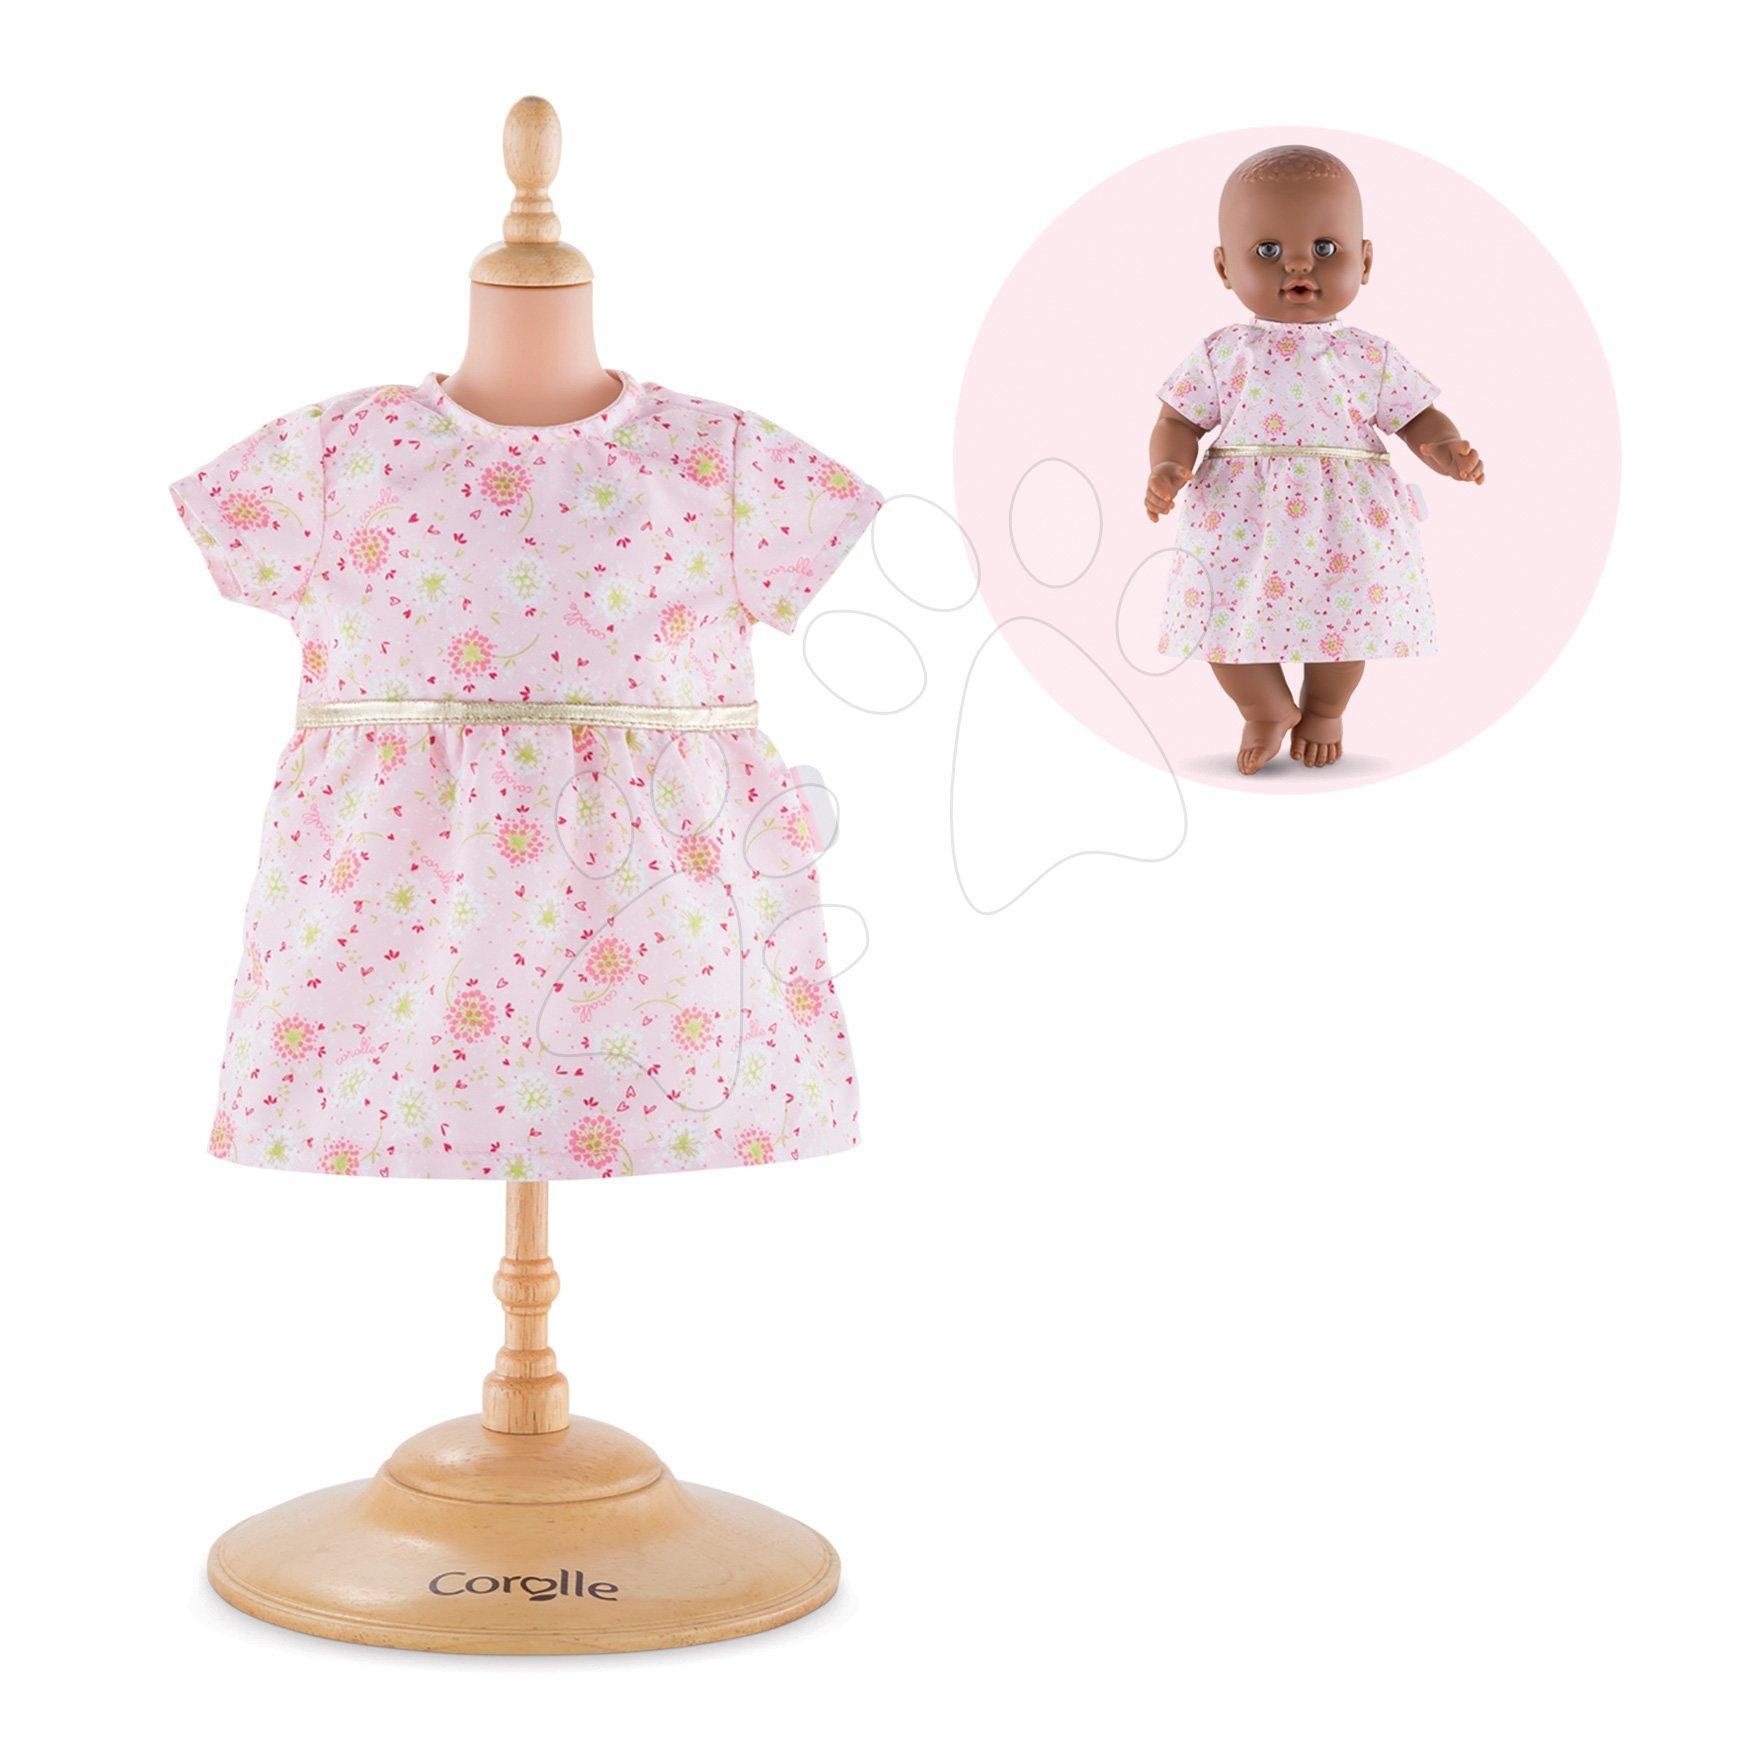 Oblečení Dress Pink Mon Grand Poupon Corolle pro 36 cm panenku od 24 měs